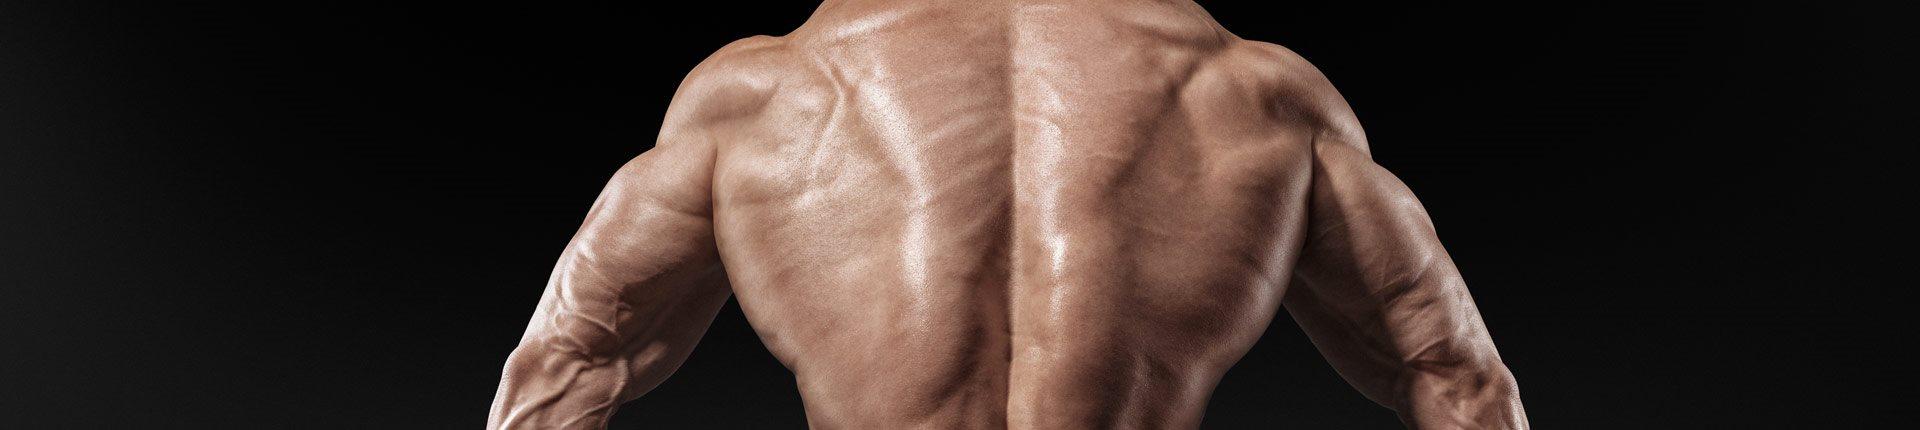 Trening grzbietu: najlepsze ćwiczenia pod lupą